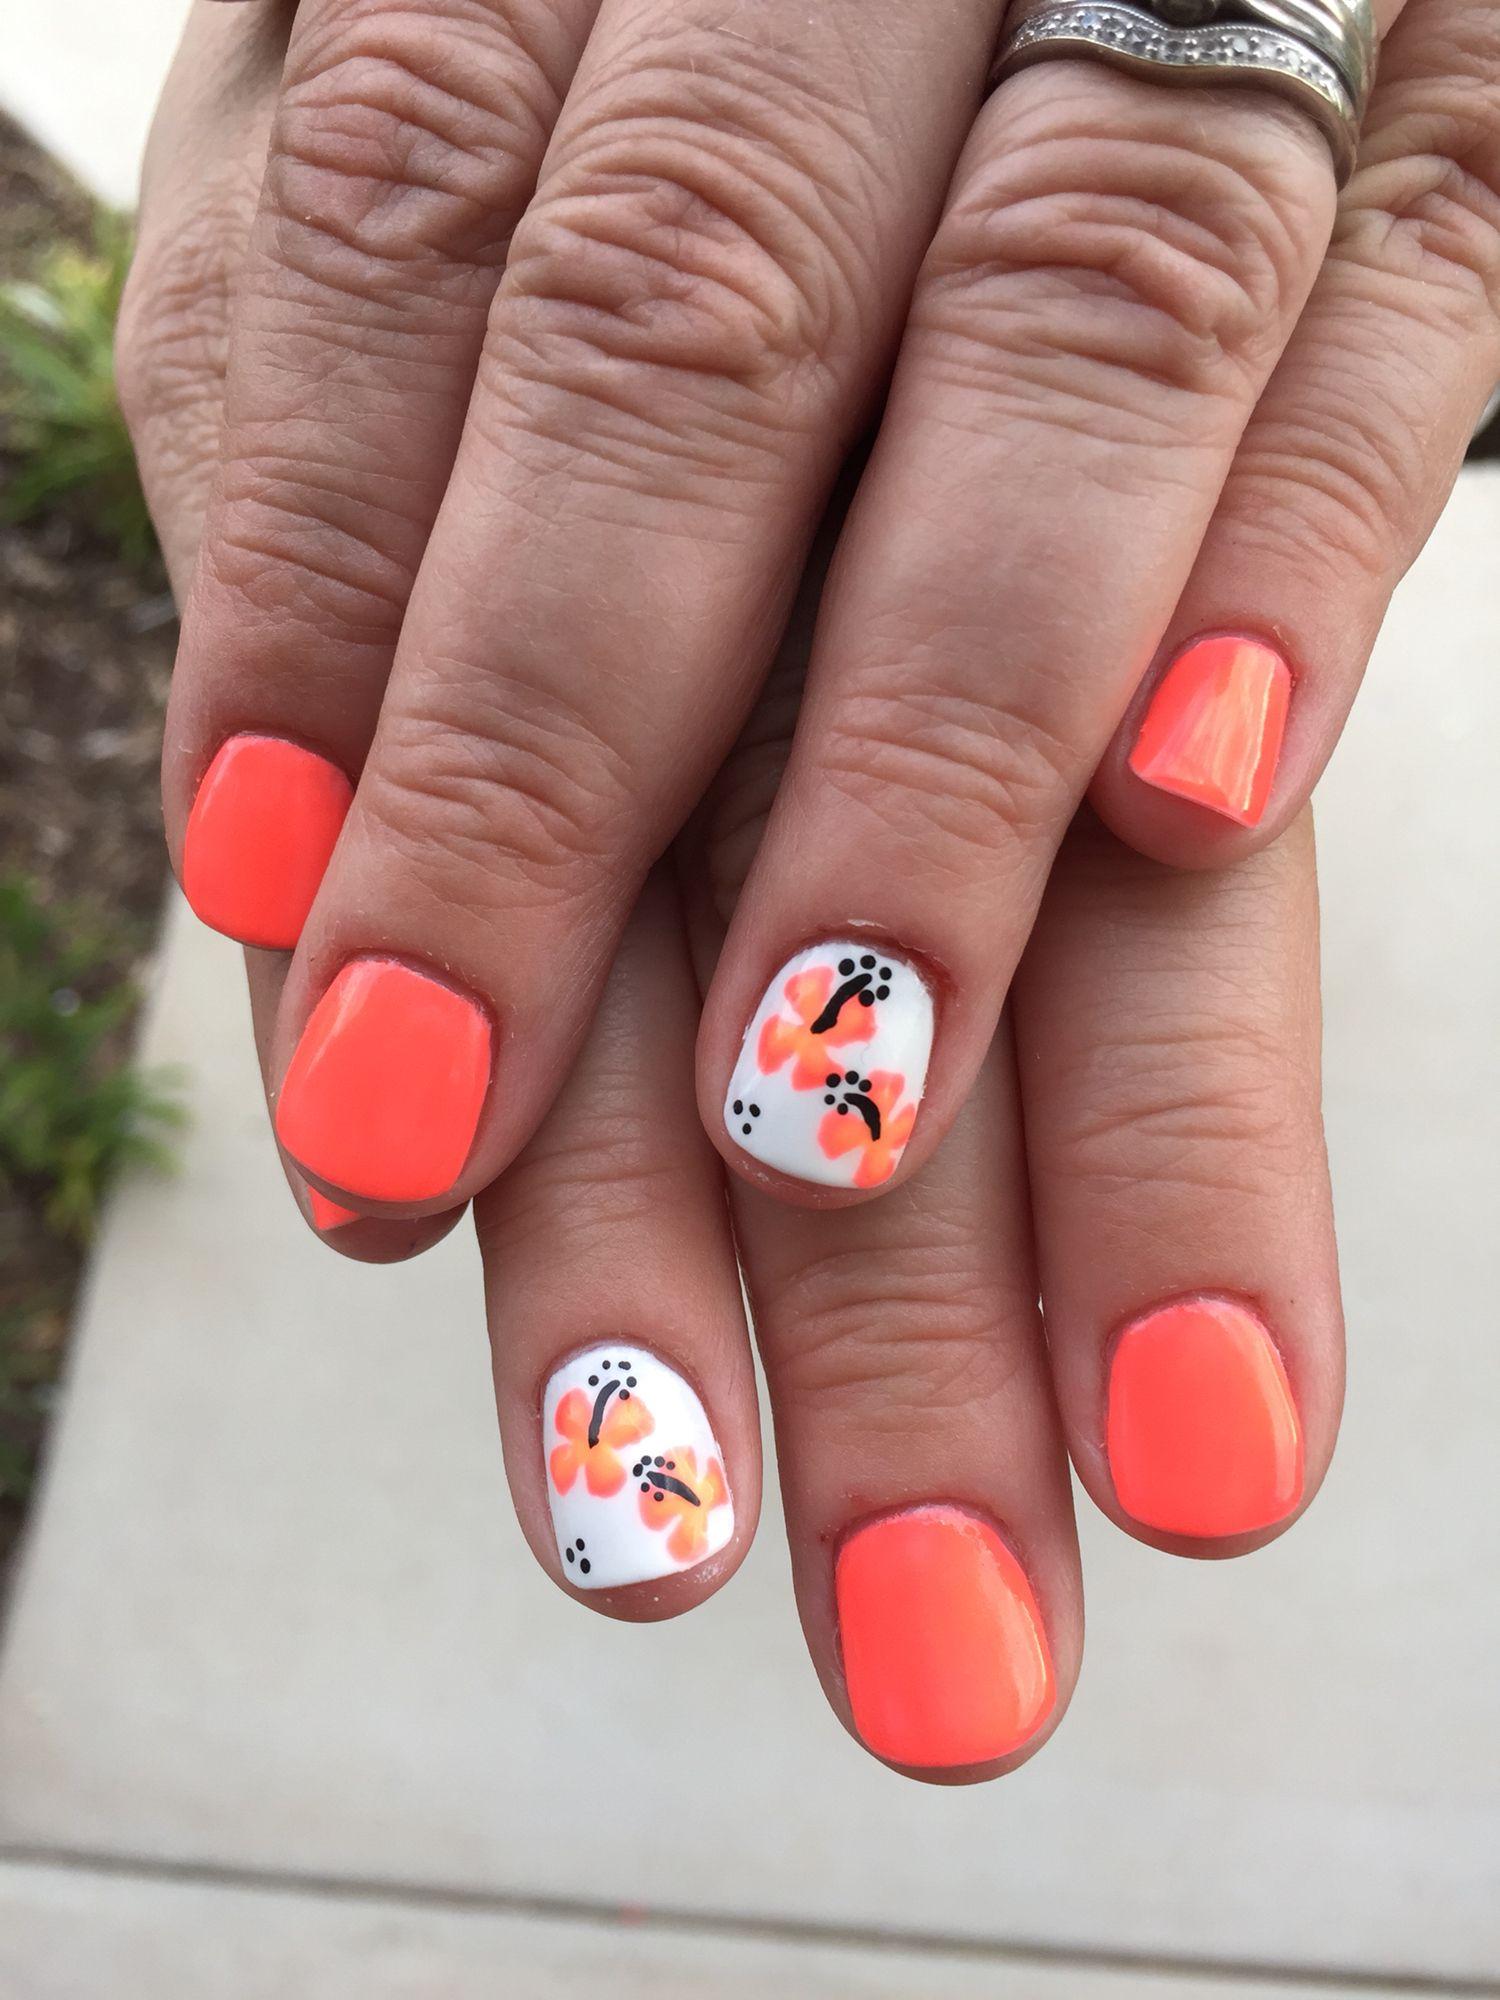 Bright neon orange coral gel polish with coral hibiscus flowers over bright neon orange coral gel polish with coral hibiscus flowers over white accent nails izmirmasajfo